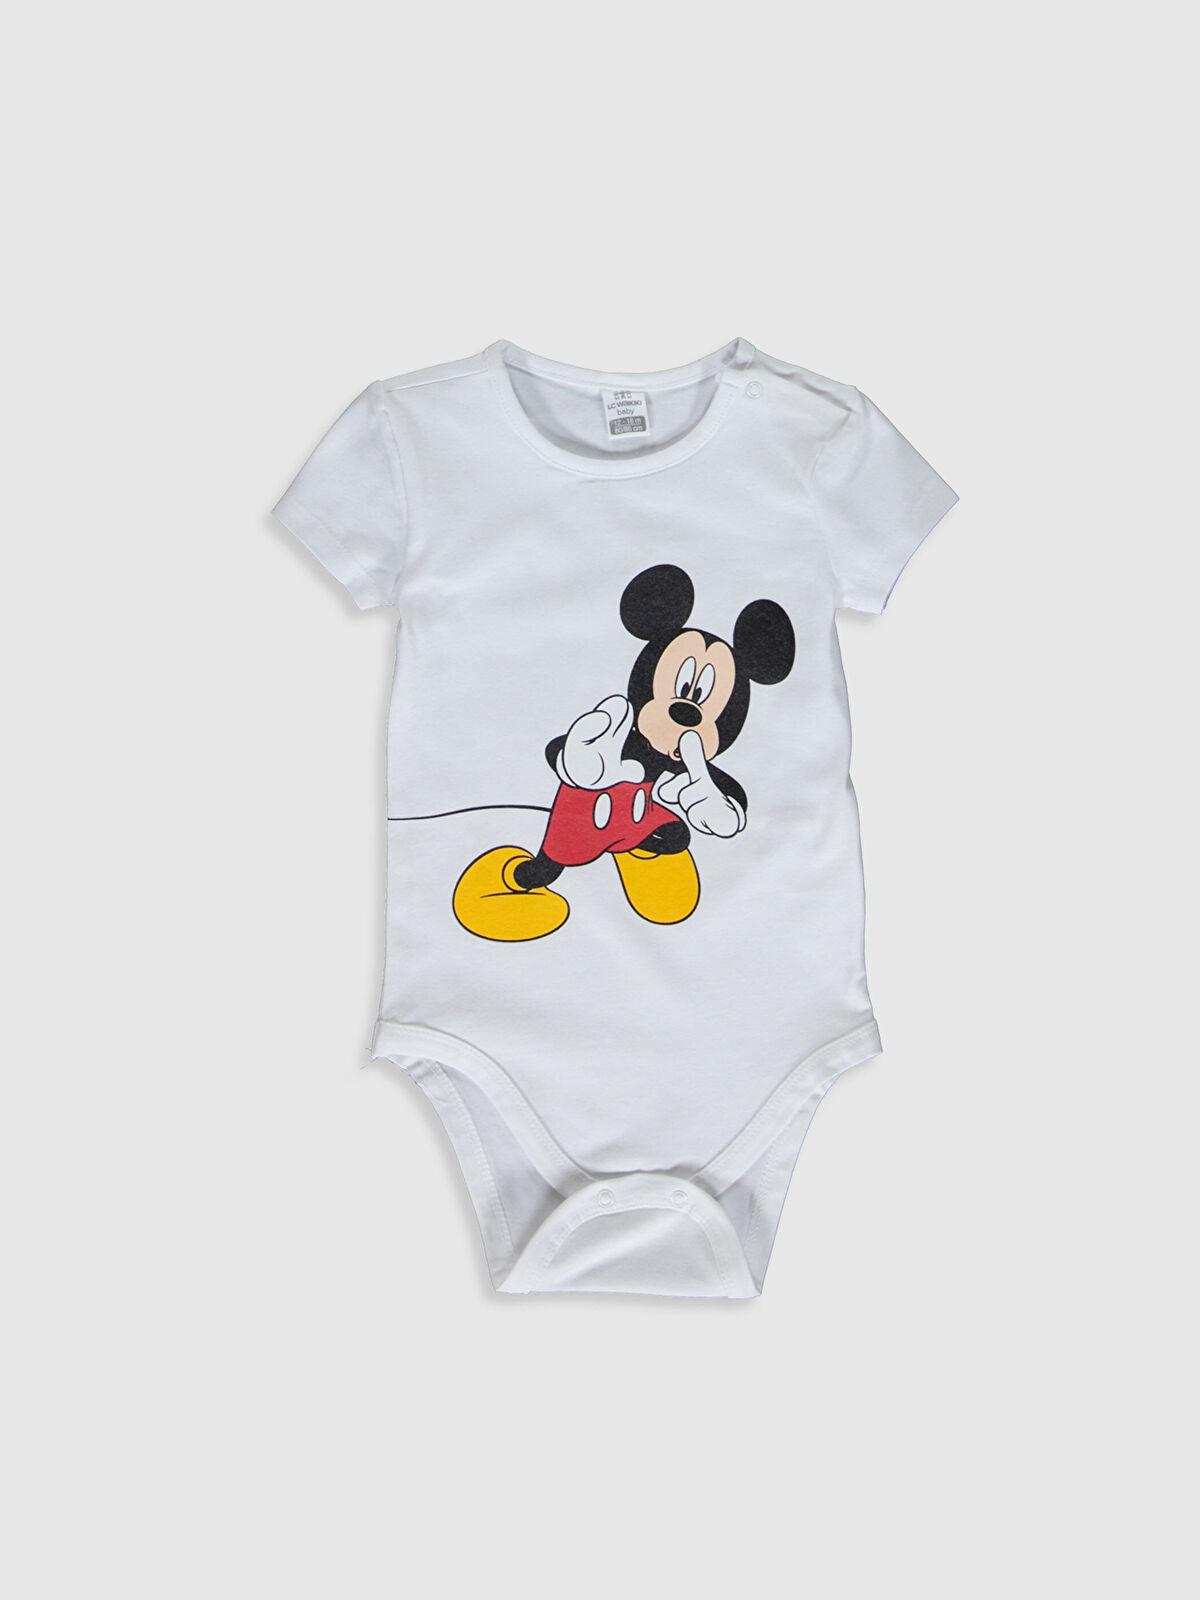 Erkek Bebek Mickey Mouse Baskılı Çıtçıtlı Body - LC WAIKIKI